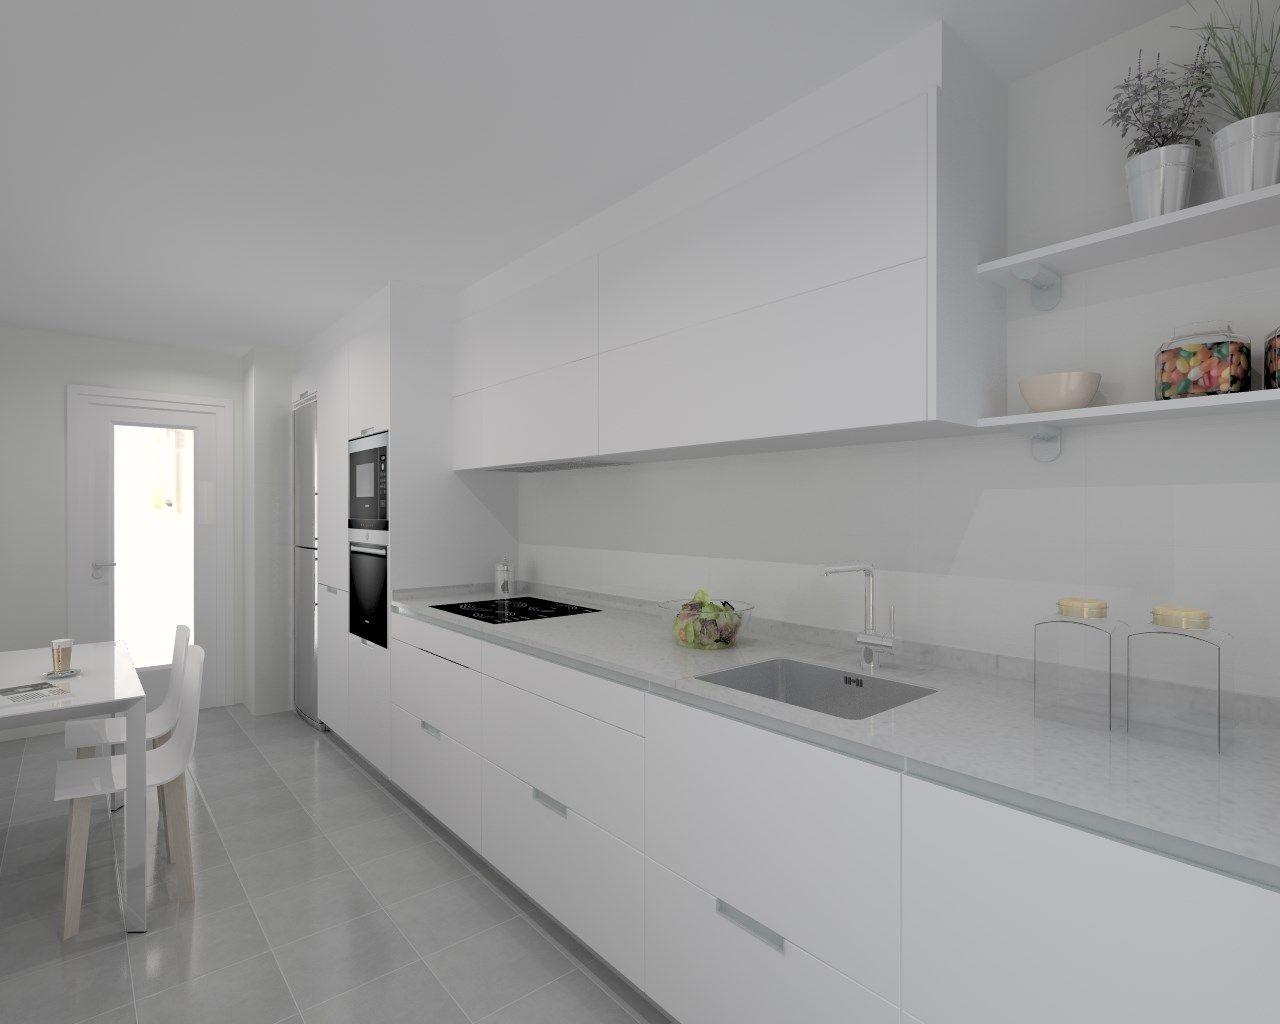 Cocina santos modelo minos e blanco encimera silestone - Cocinas de silestone ...